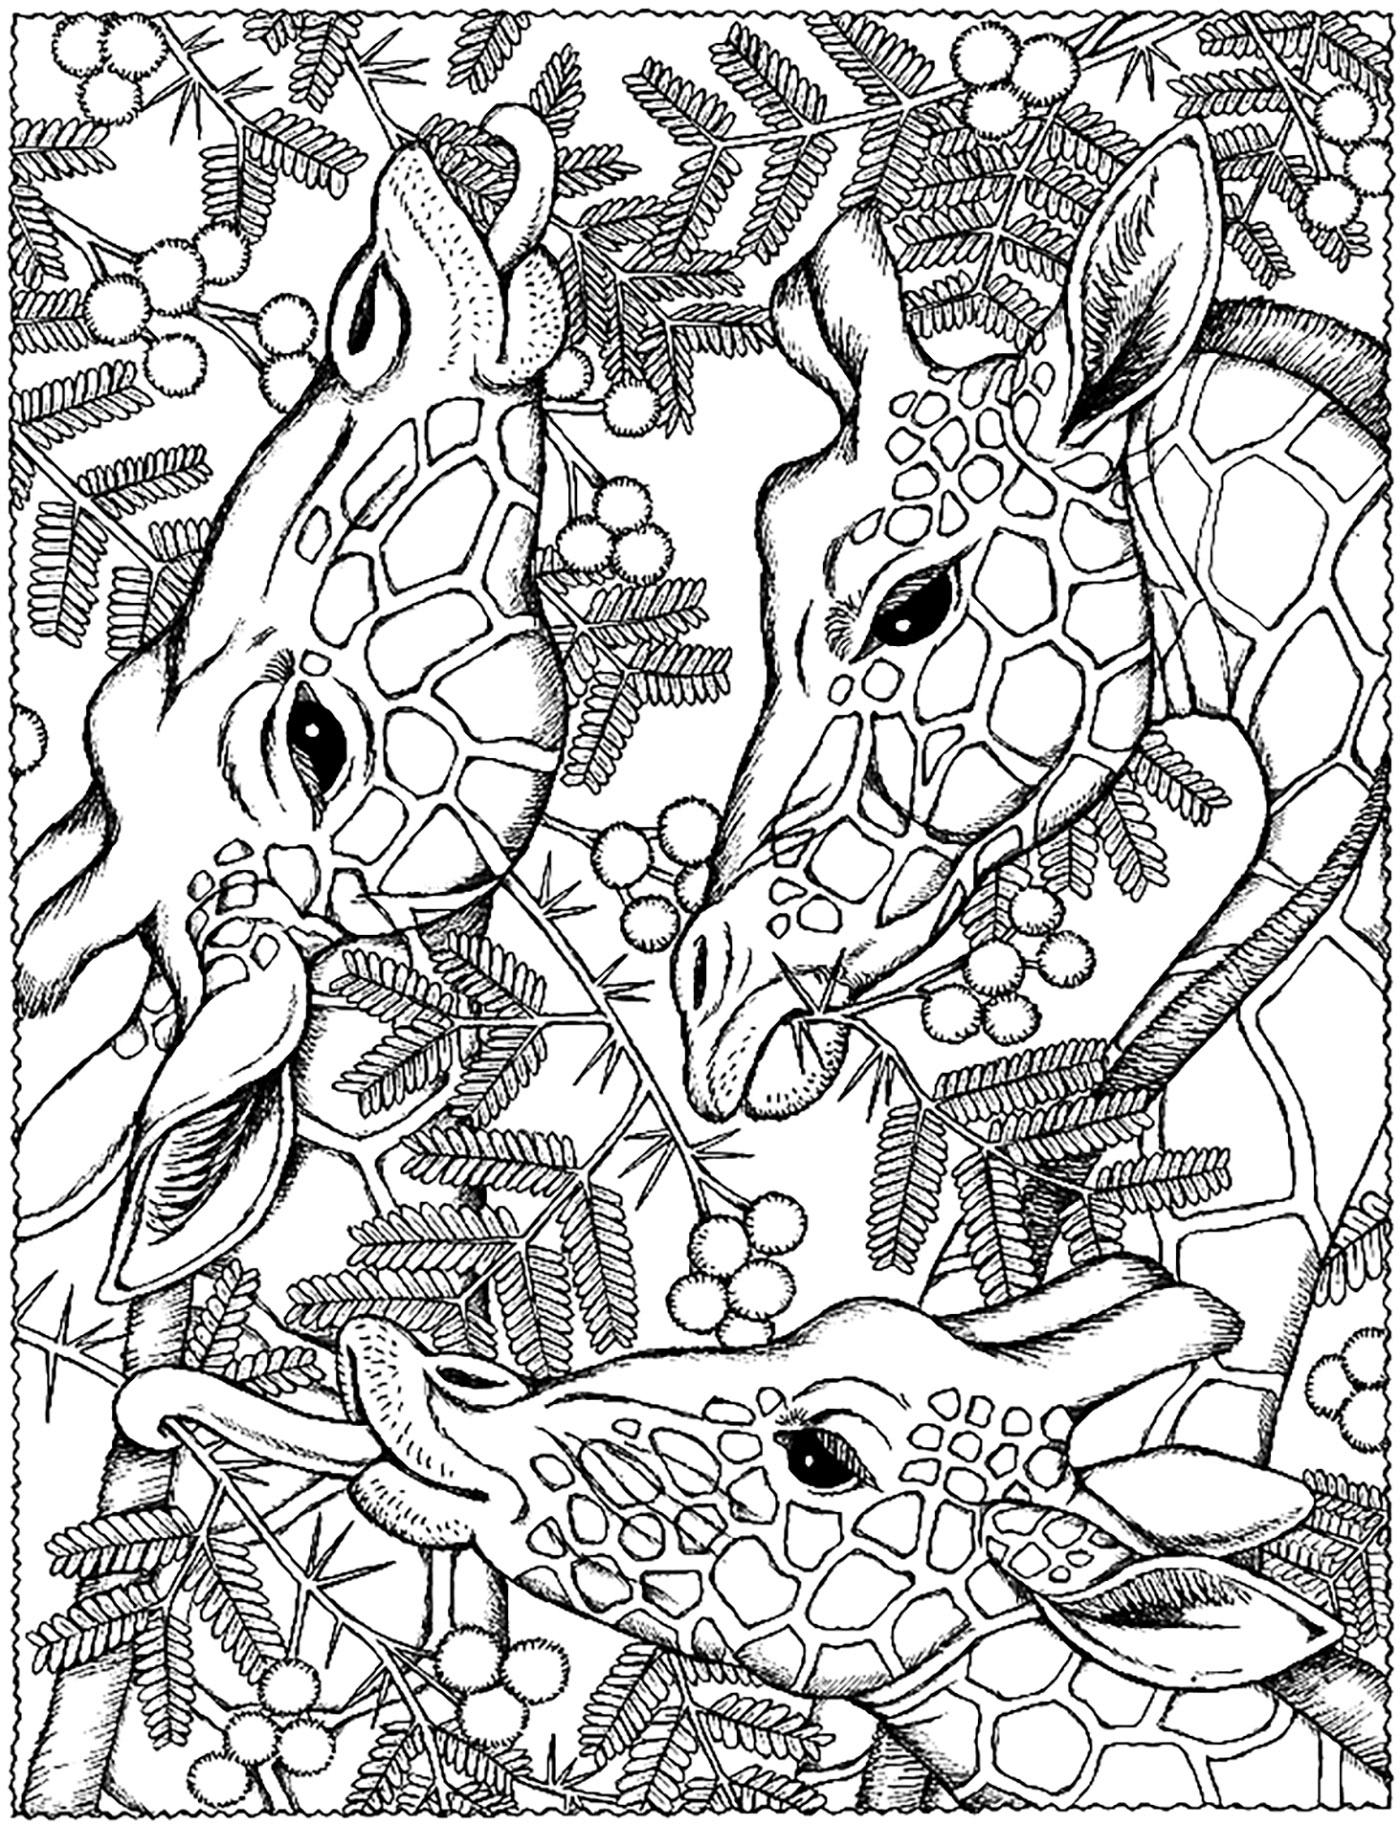 Coloriage Tete De Girafe A Imprimer.Trois Tetes Girafes Coloriage De Girafes Coloriages Pour Enfants